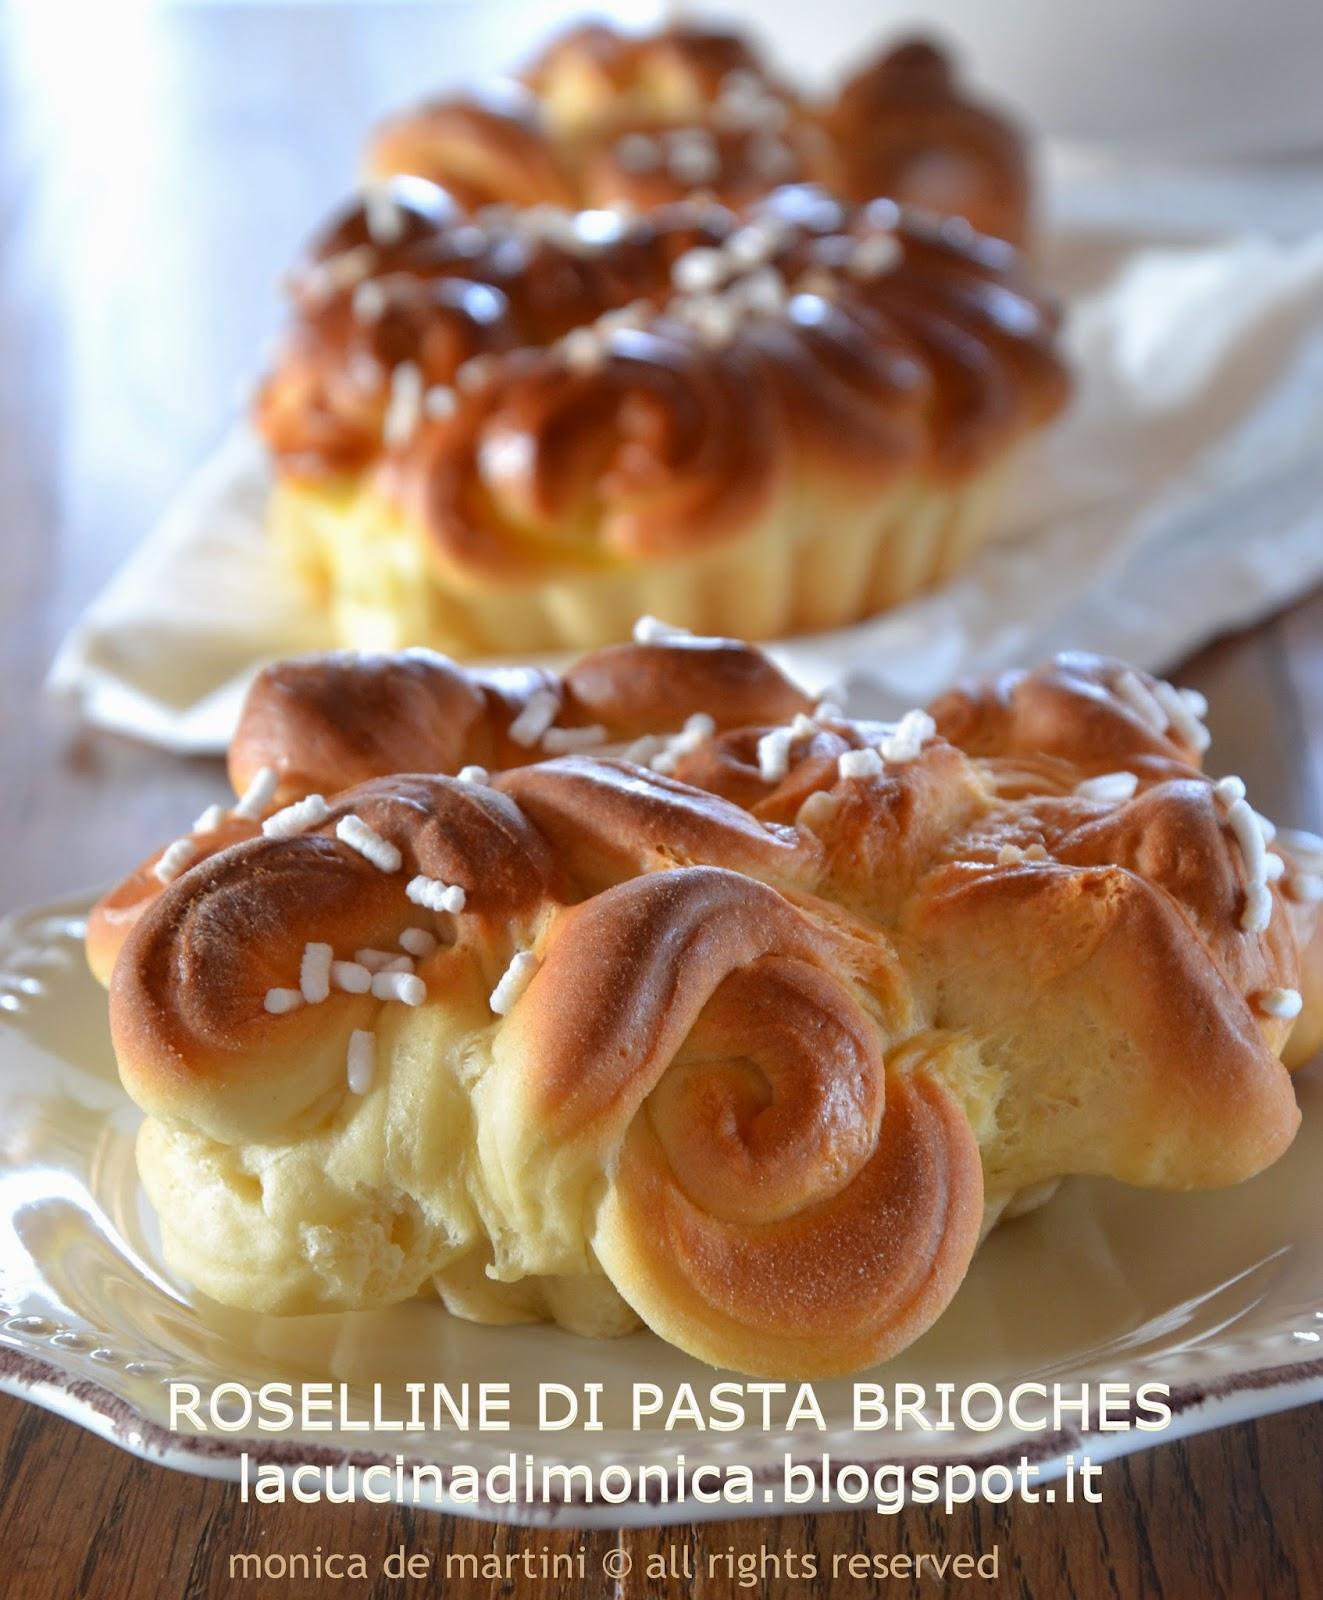 roselline di pasta brioches